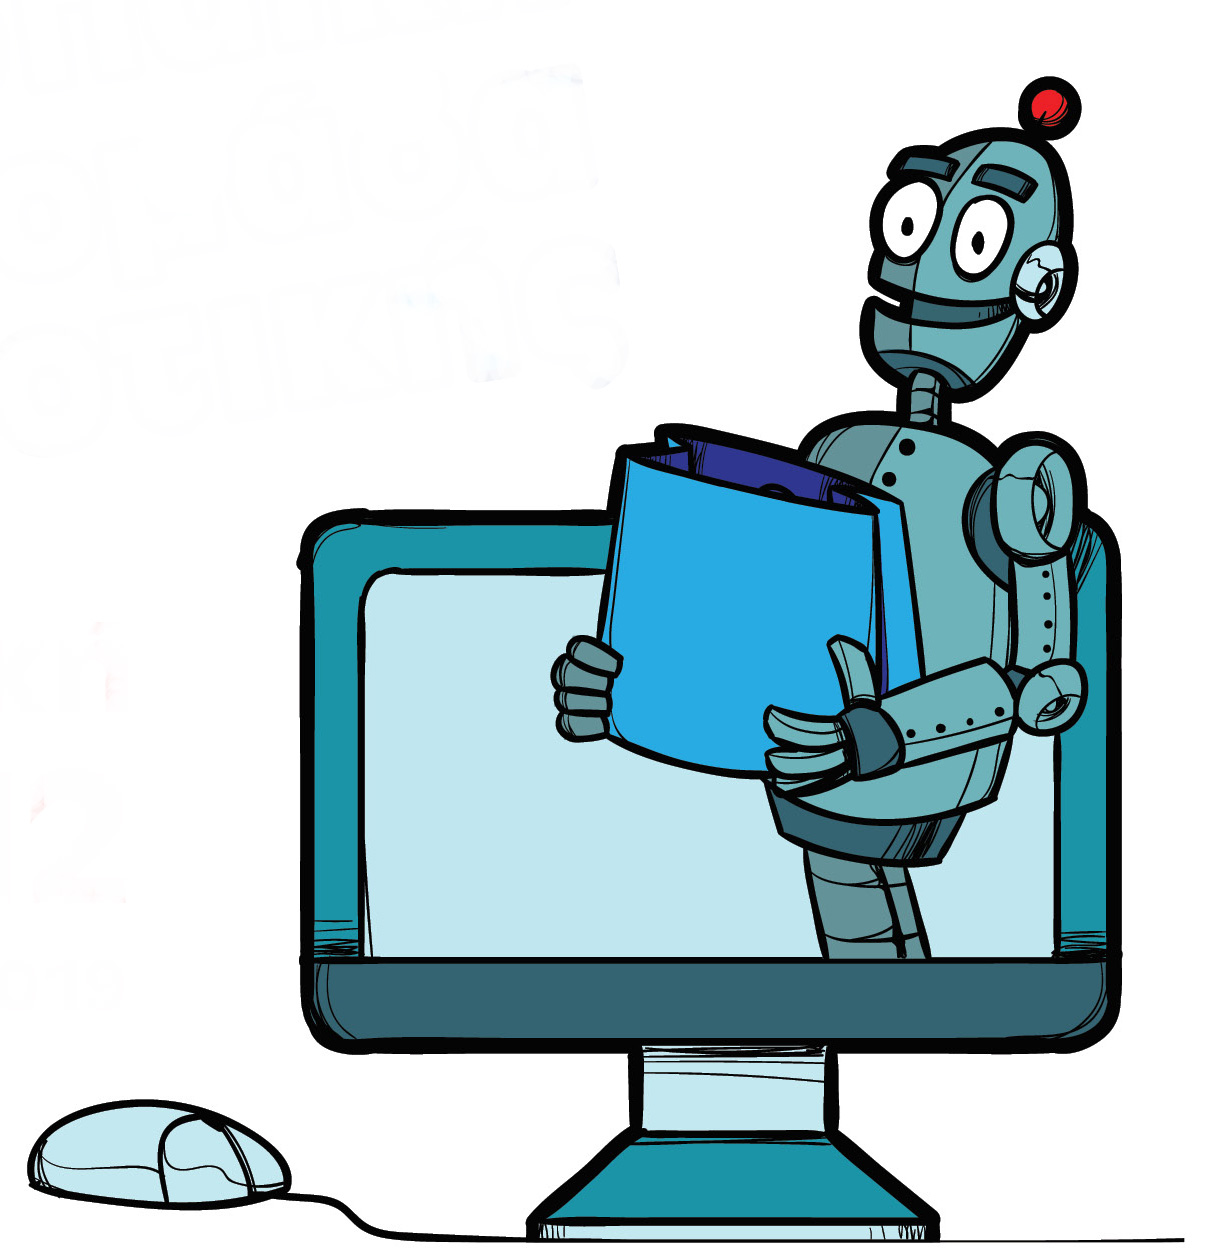 Εκδηλώσεις στην Καλαμαριά για την Ευρωπαϊκή Εβδομάδα Ρομποτικής